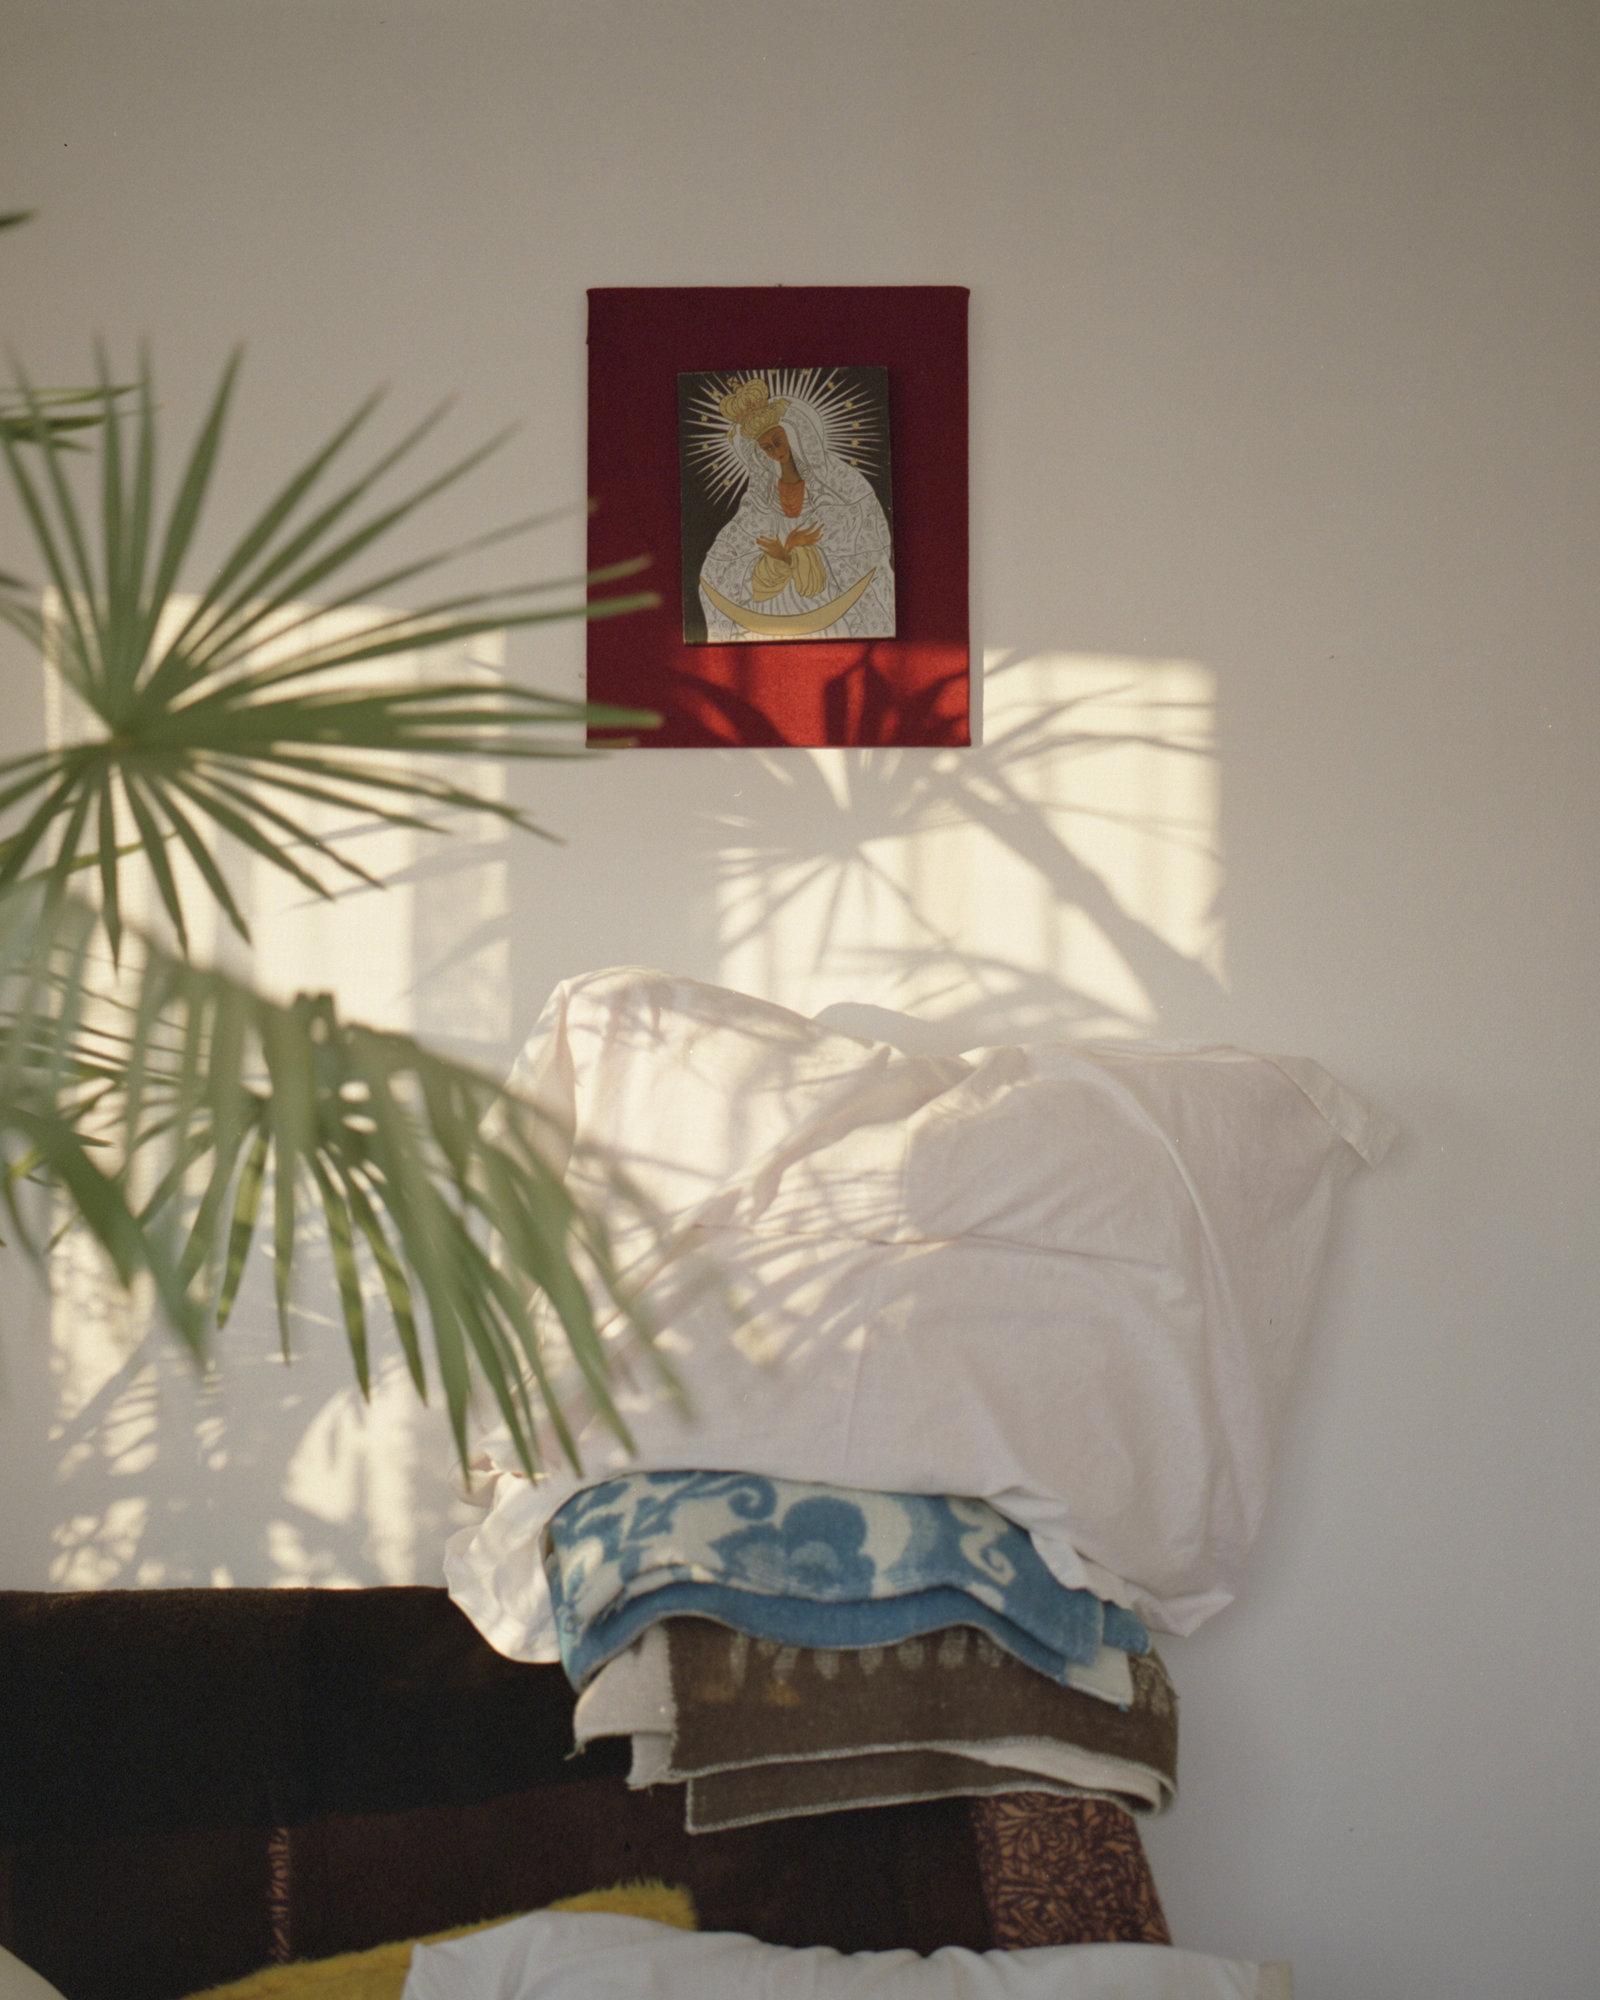 Virgin Mary, Radomsko